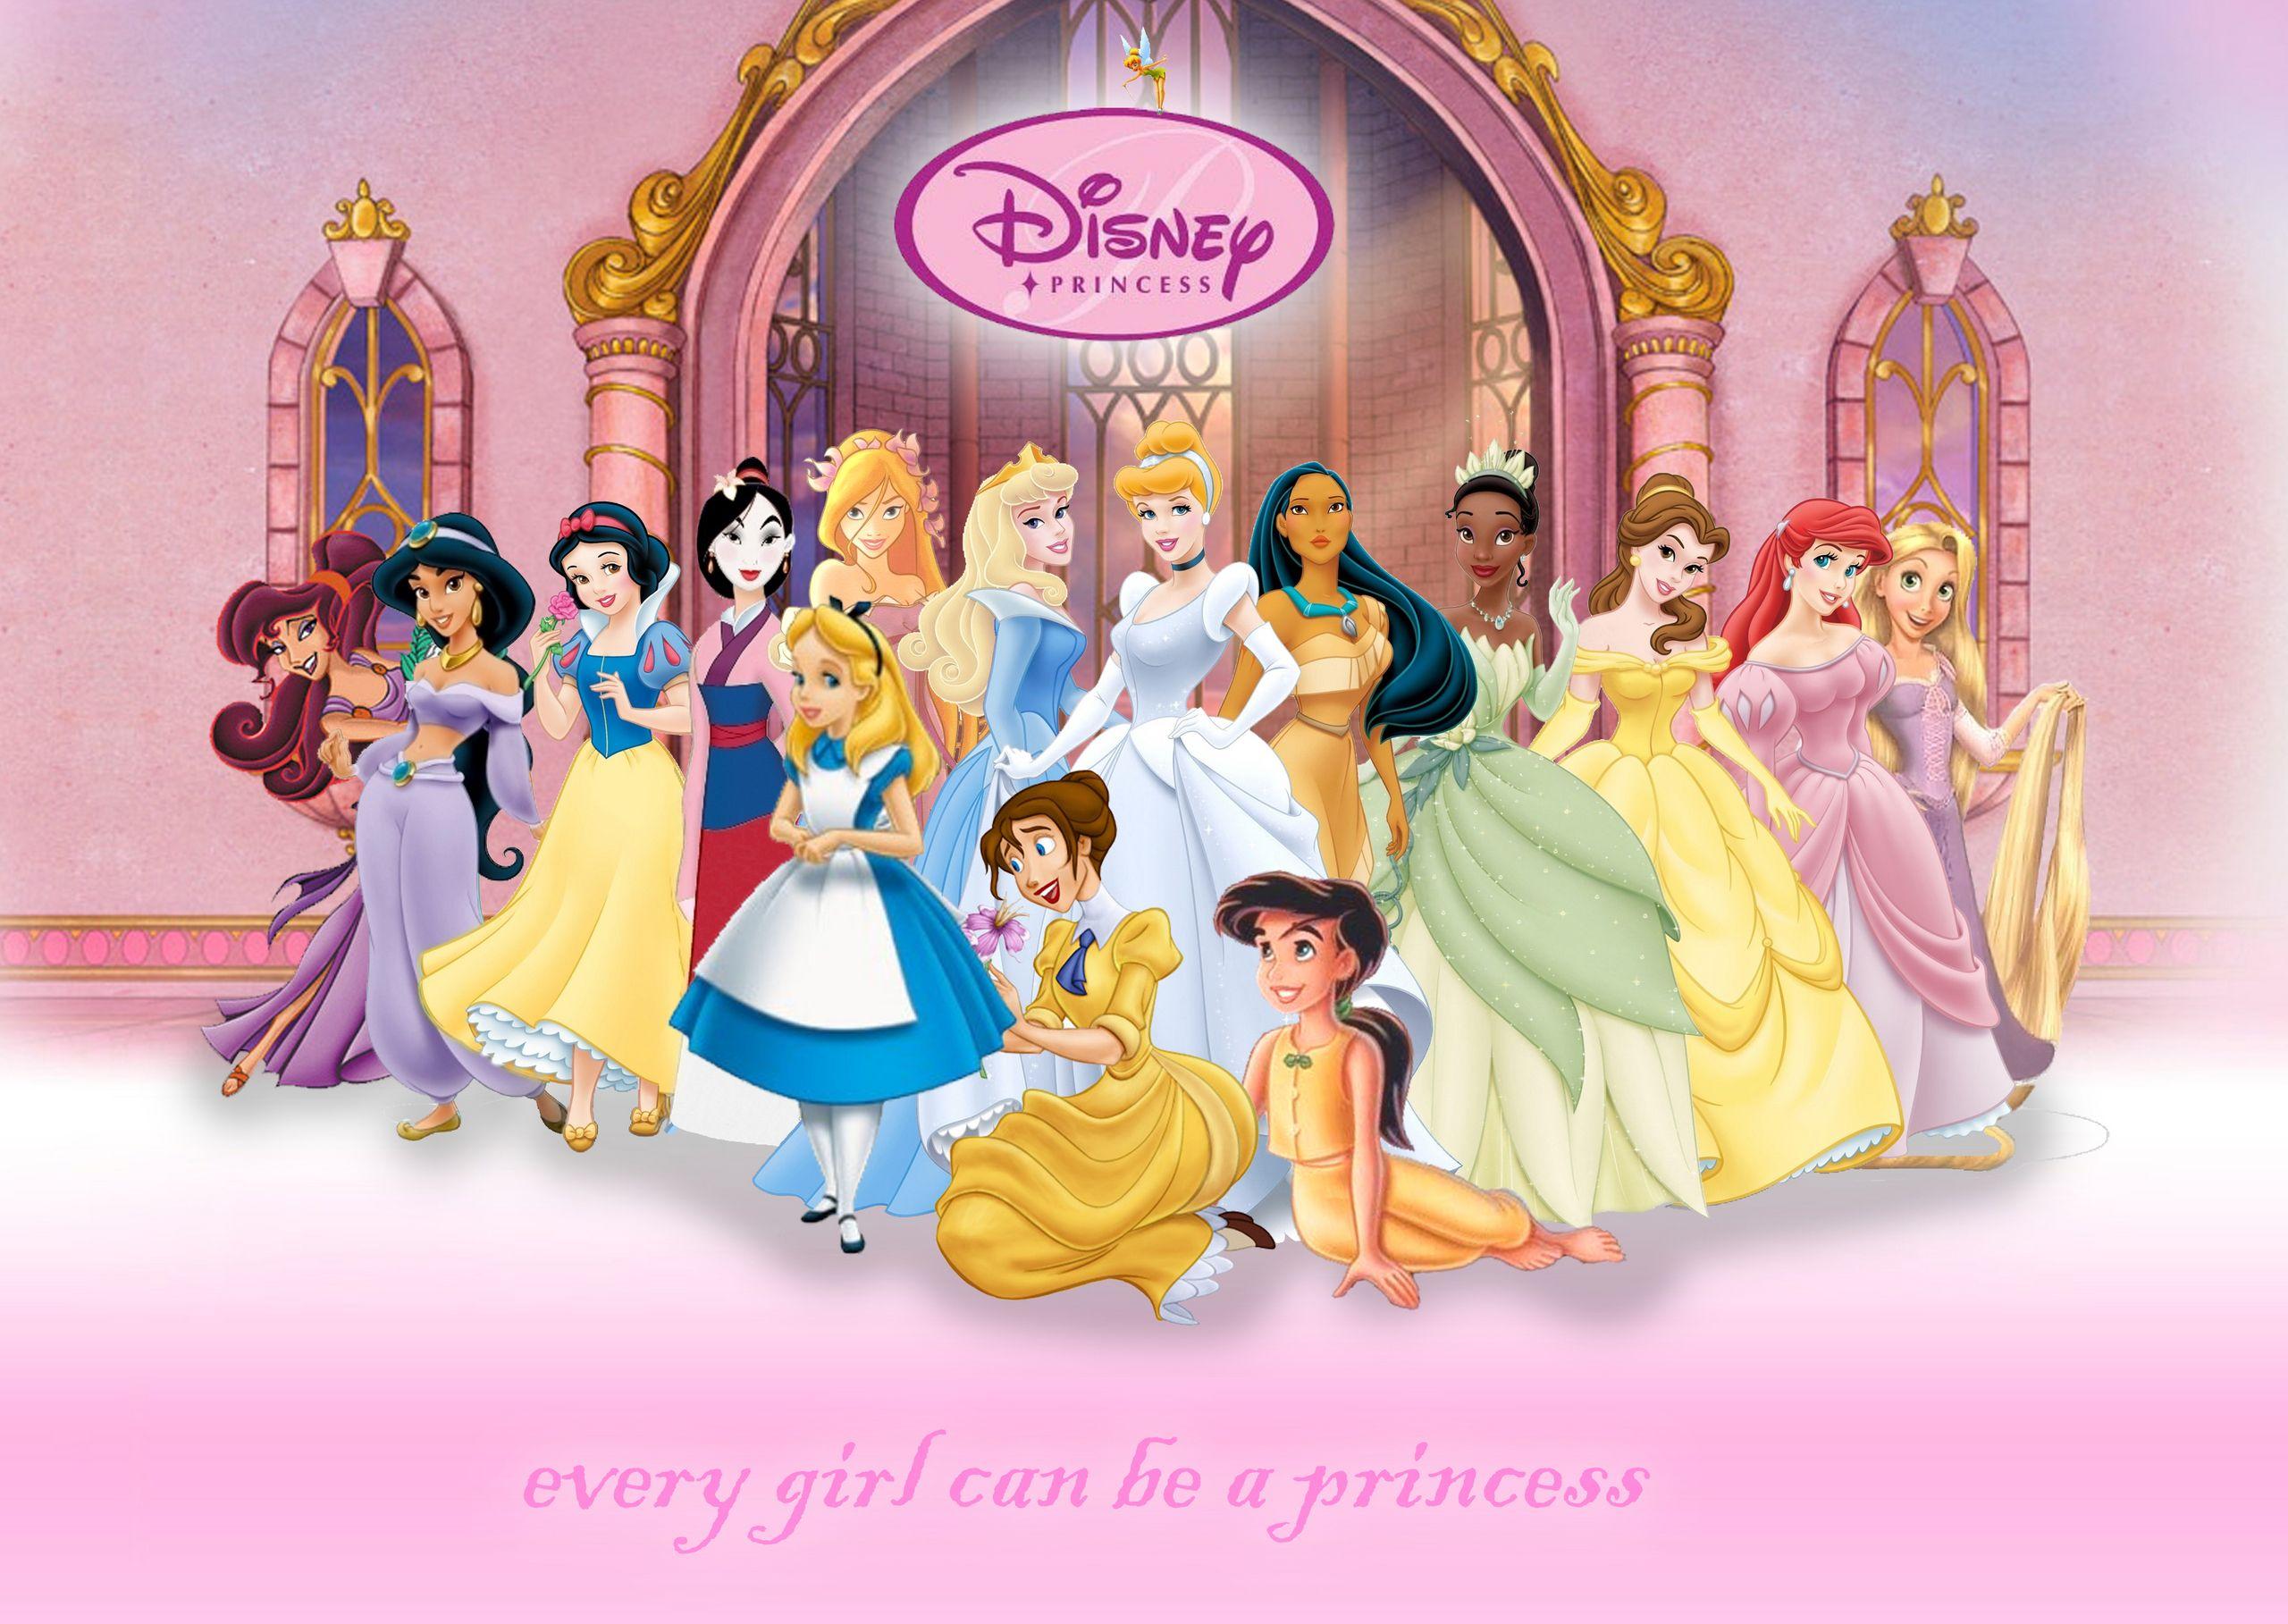 c5d32d708 disney princess | Disney Princess - Disney Princess Fan Art (16254472) -  Fanpop fanclubs